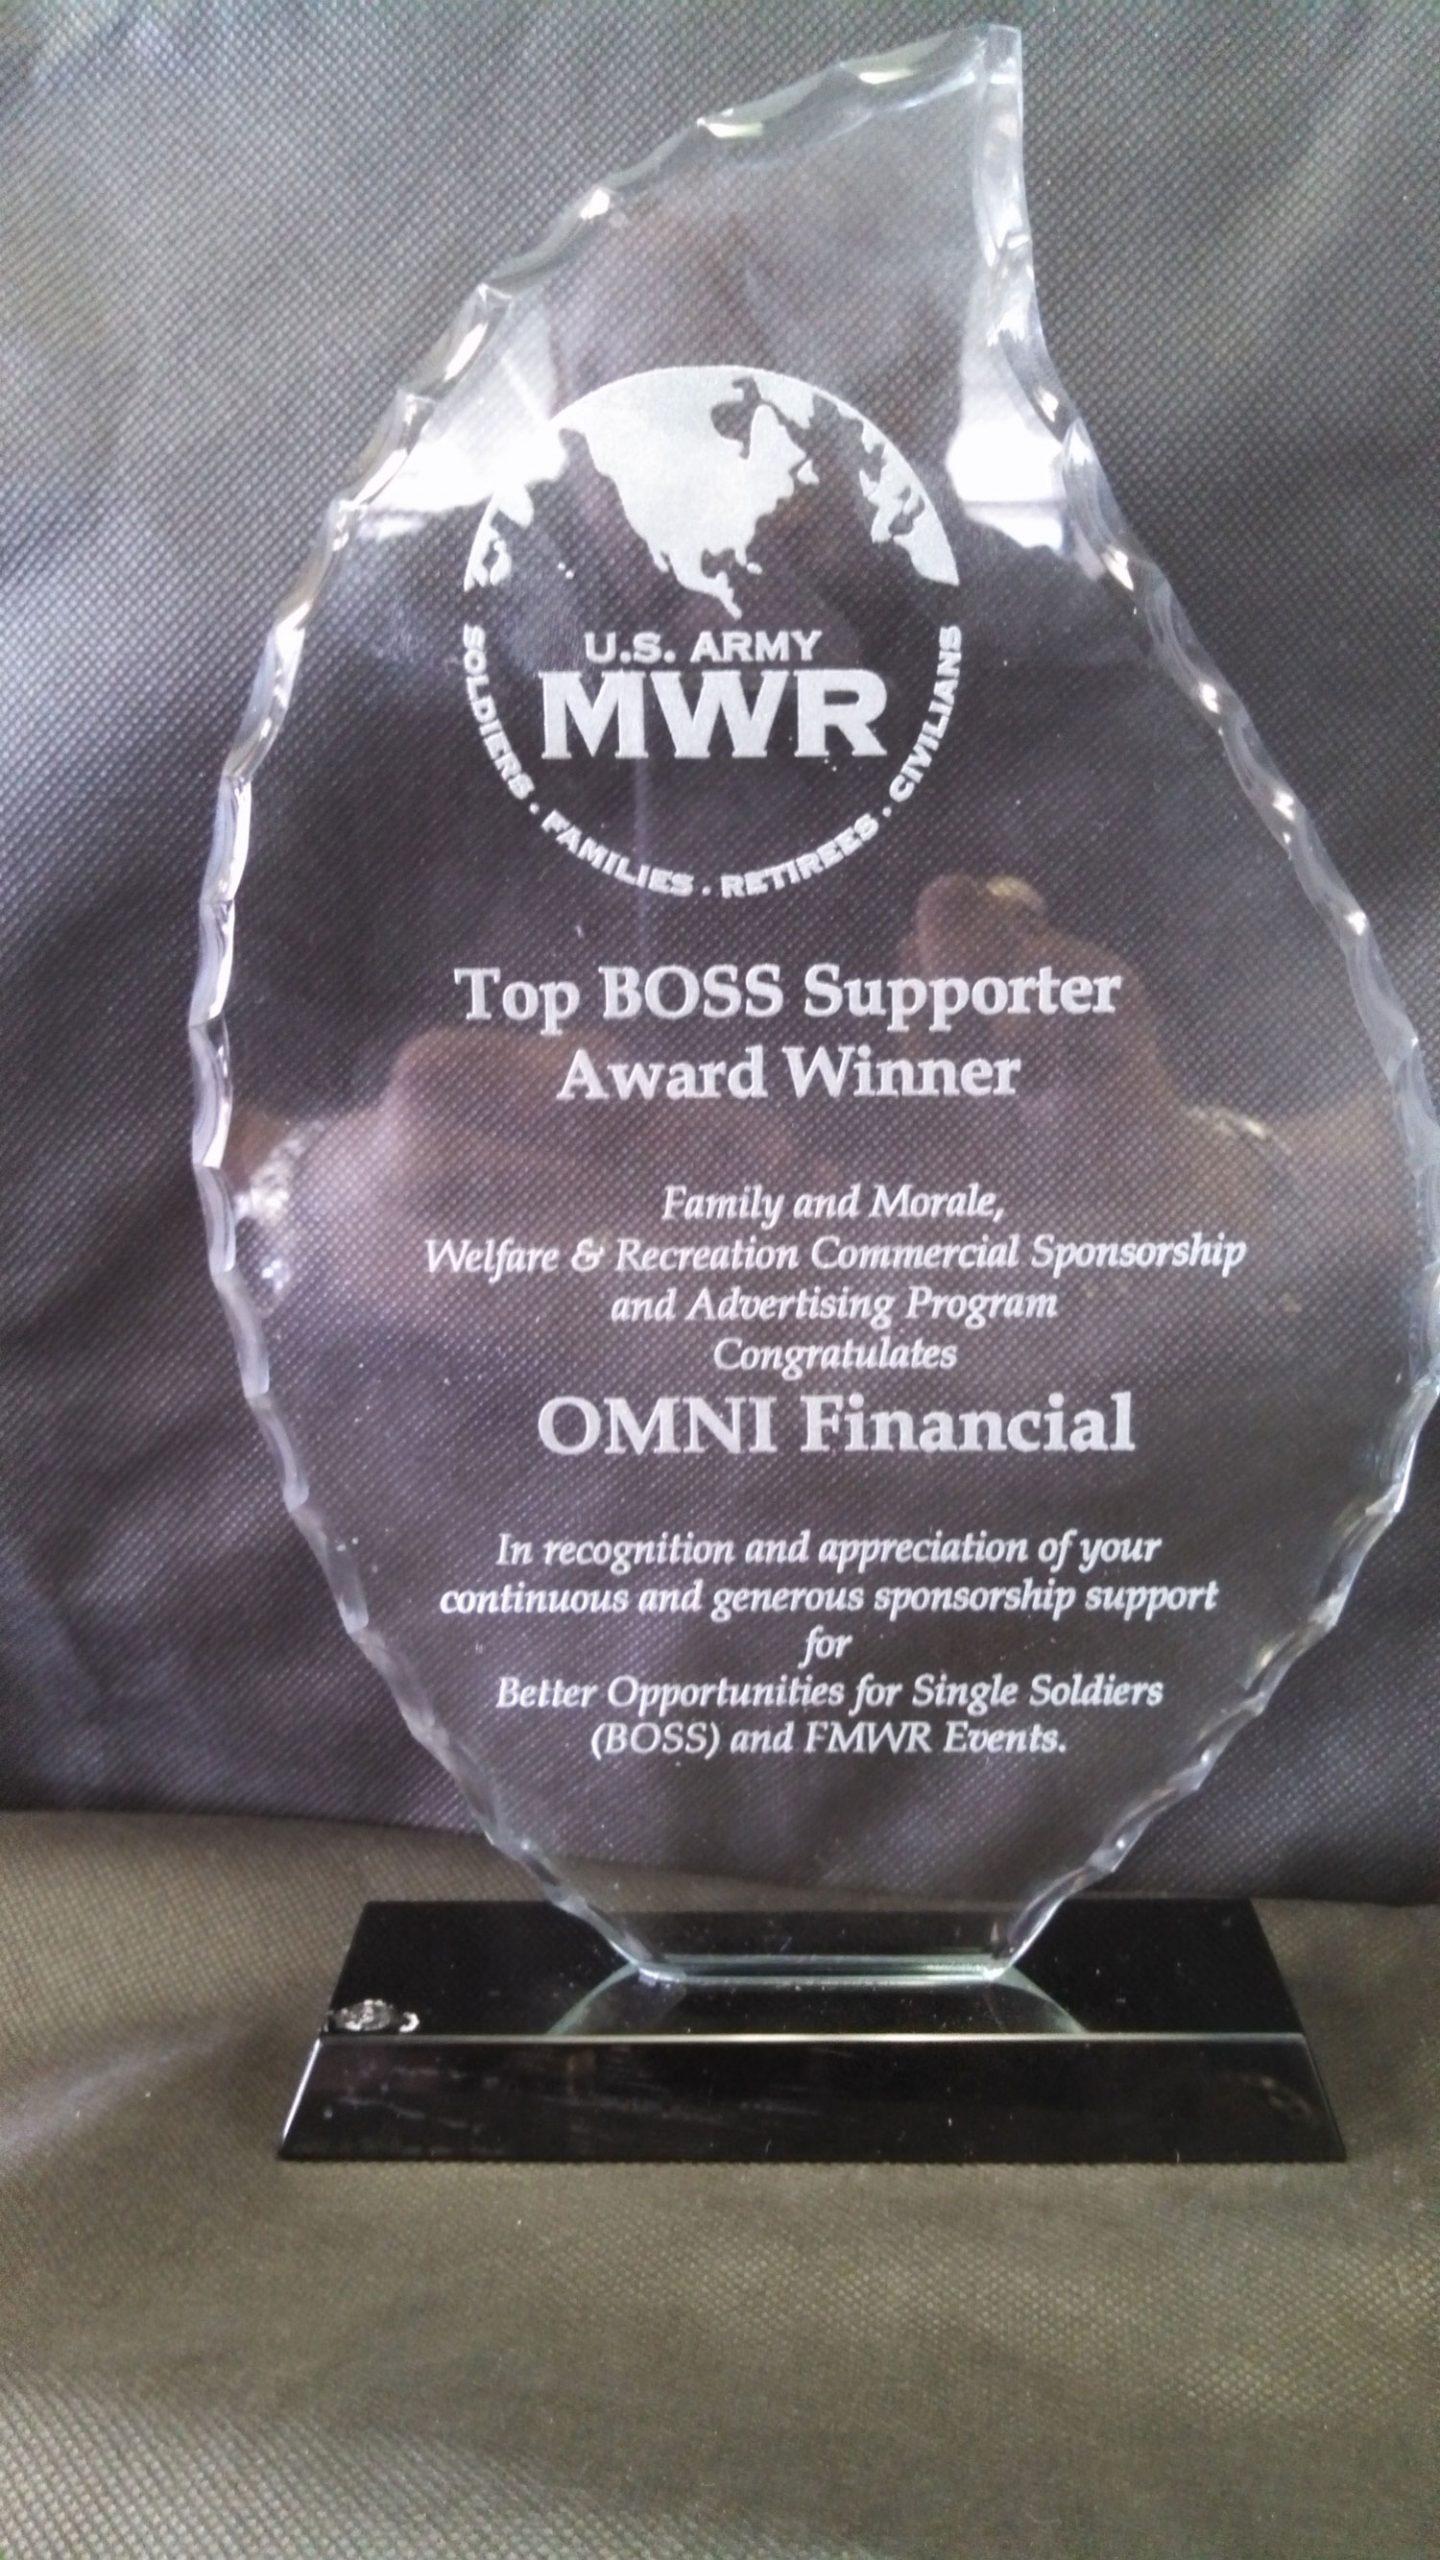 FMWR Sponsorship Emmy Awards